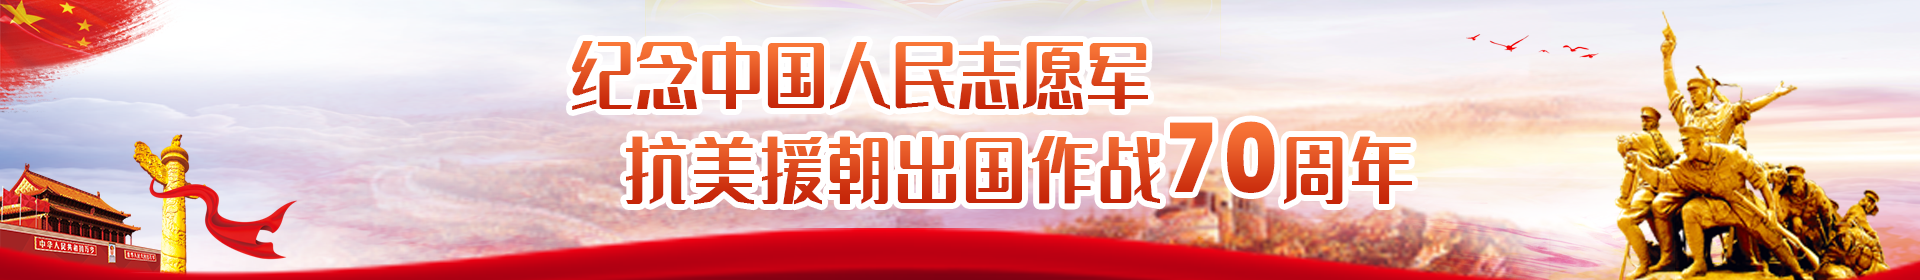 铁血荣光——纪念中国人民志愿军抗美援朝出国作战70周年